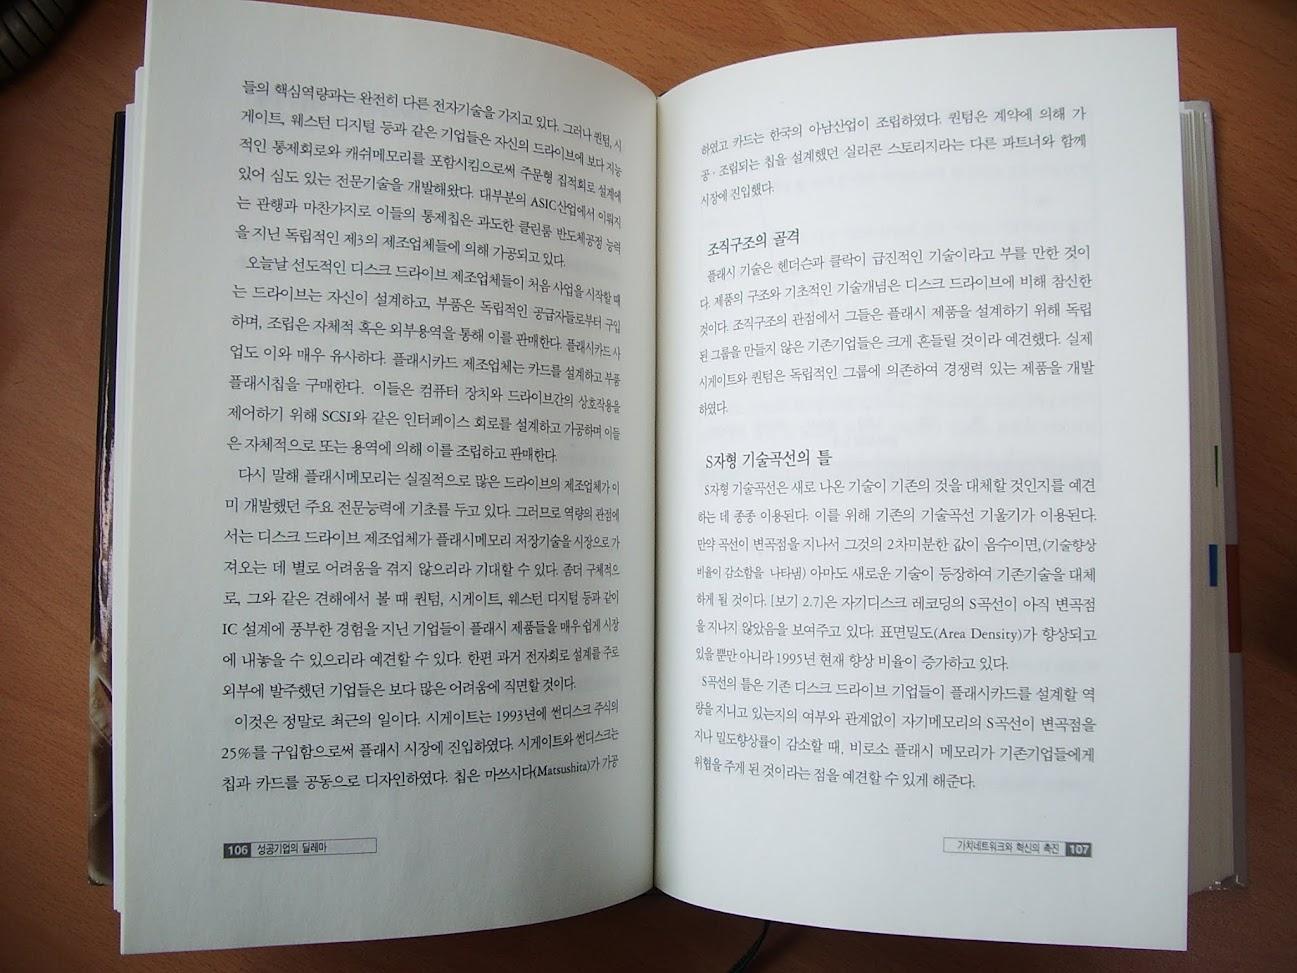 종이책에서 모바일까지 목록 페이지 네비게이션의 변화